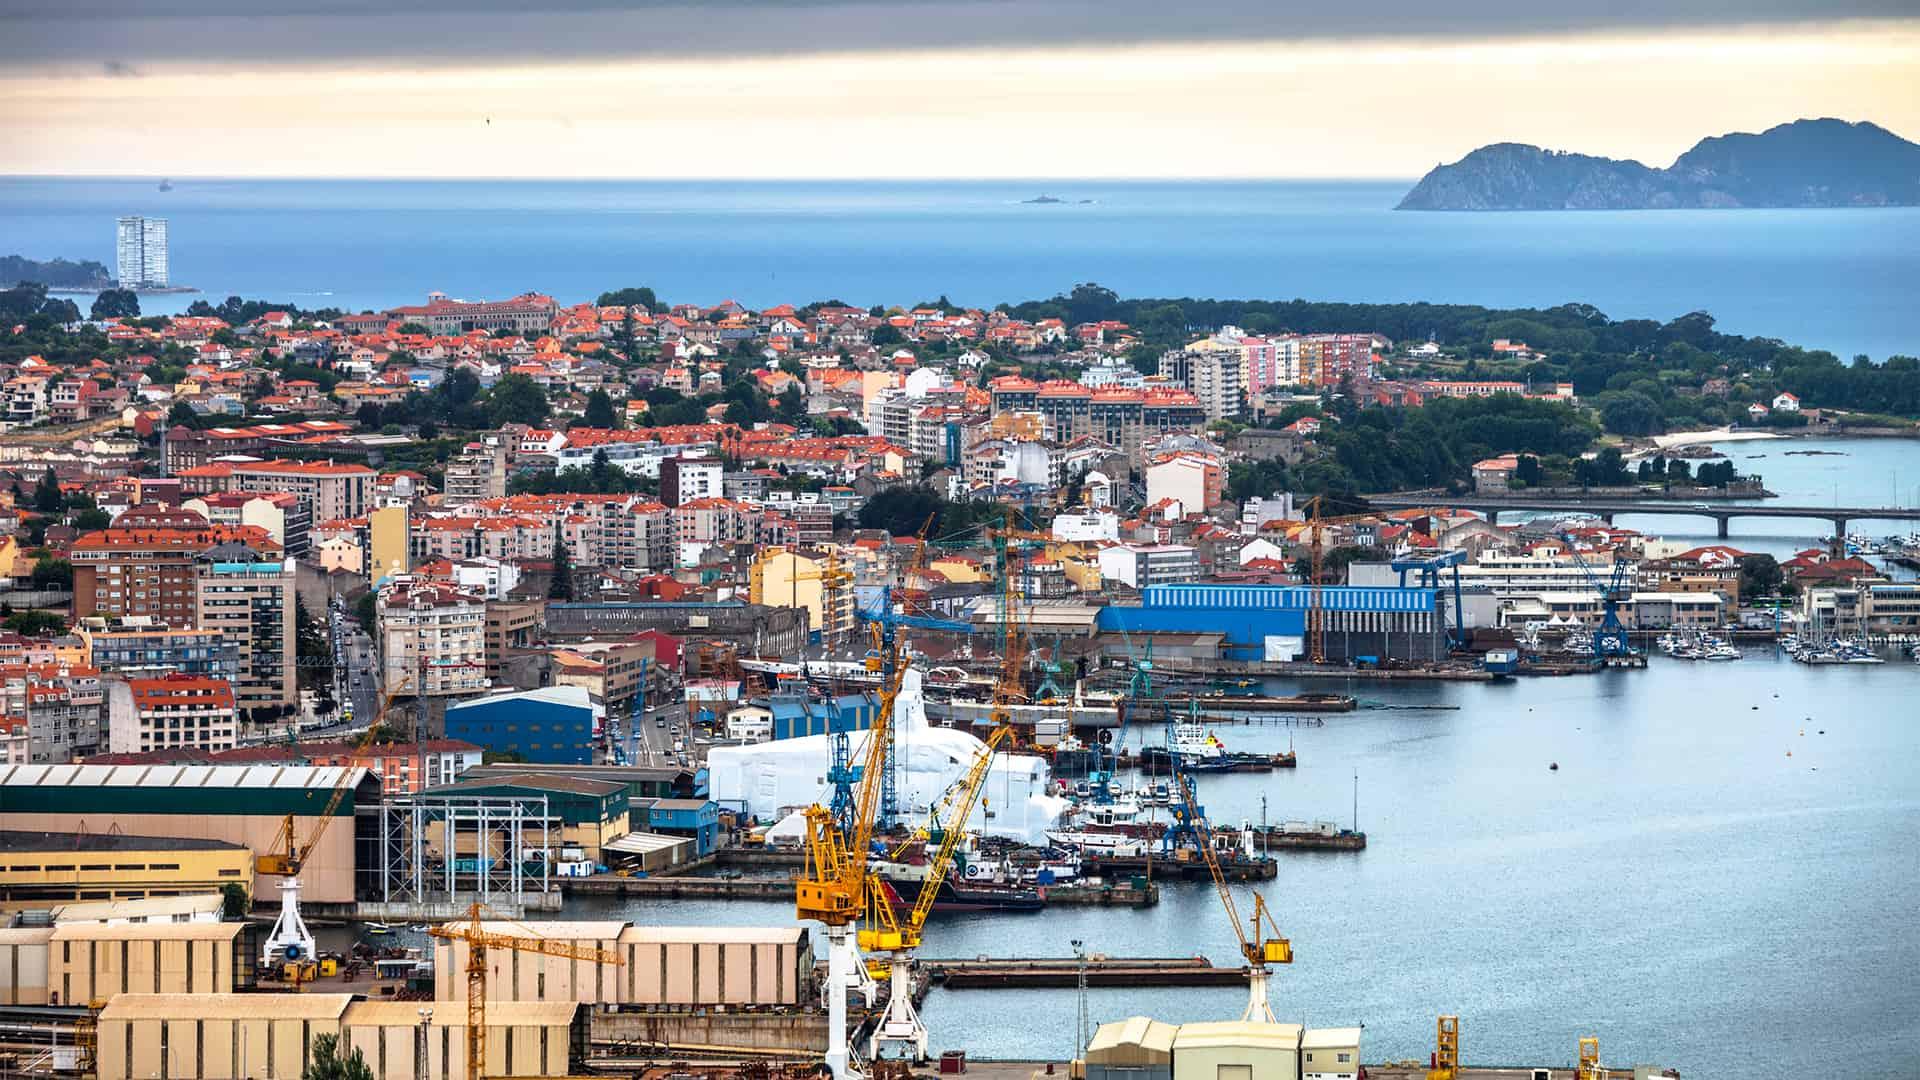 Vodafone Vigo: tiendas y cobertura 5G en la ciudad gallega